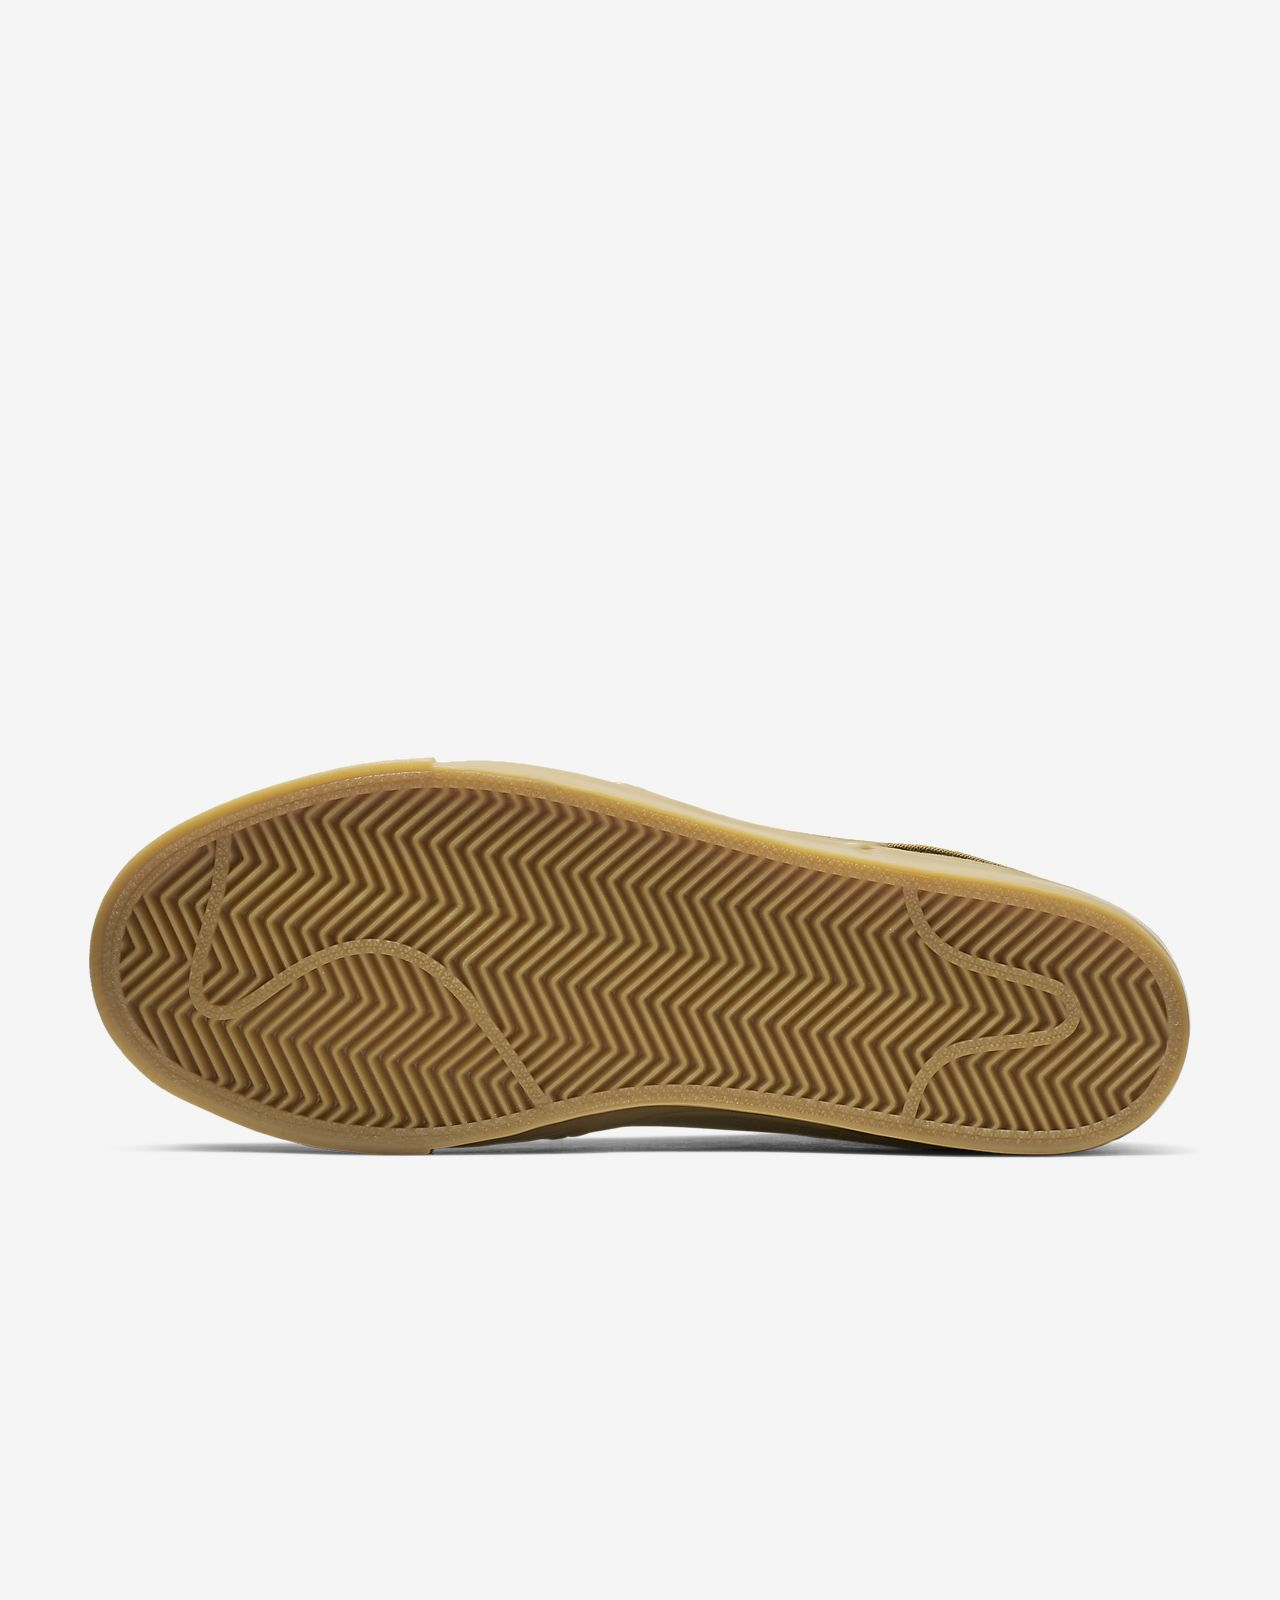 Nike SB Zoom Stefan Janoski Canvas Men s Skate Shoe. Nike.com BE 36470e8b20cc7